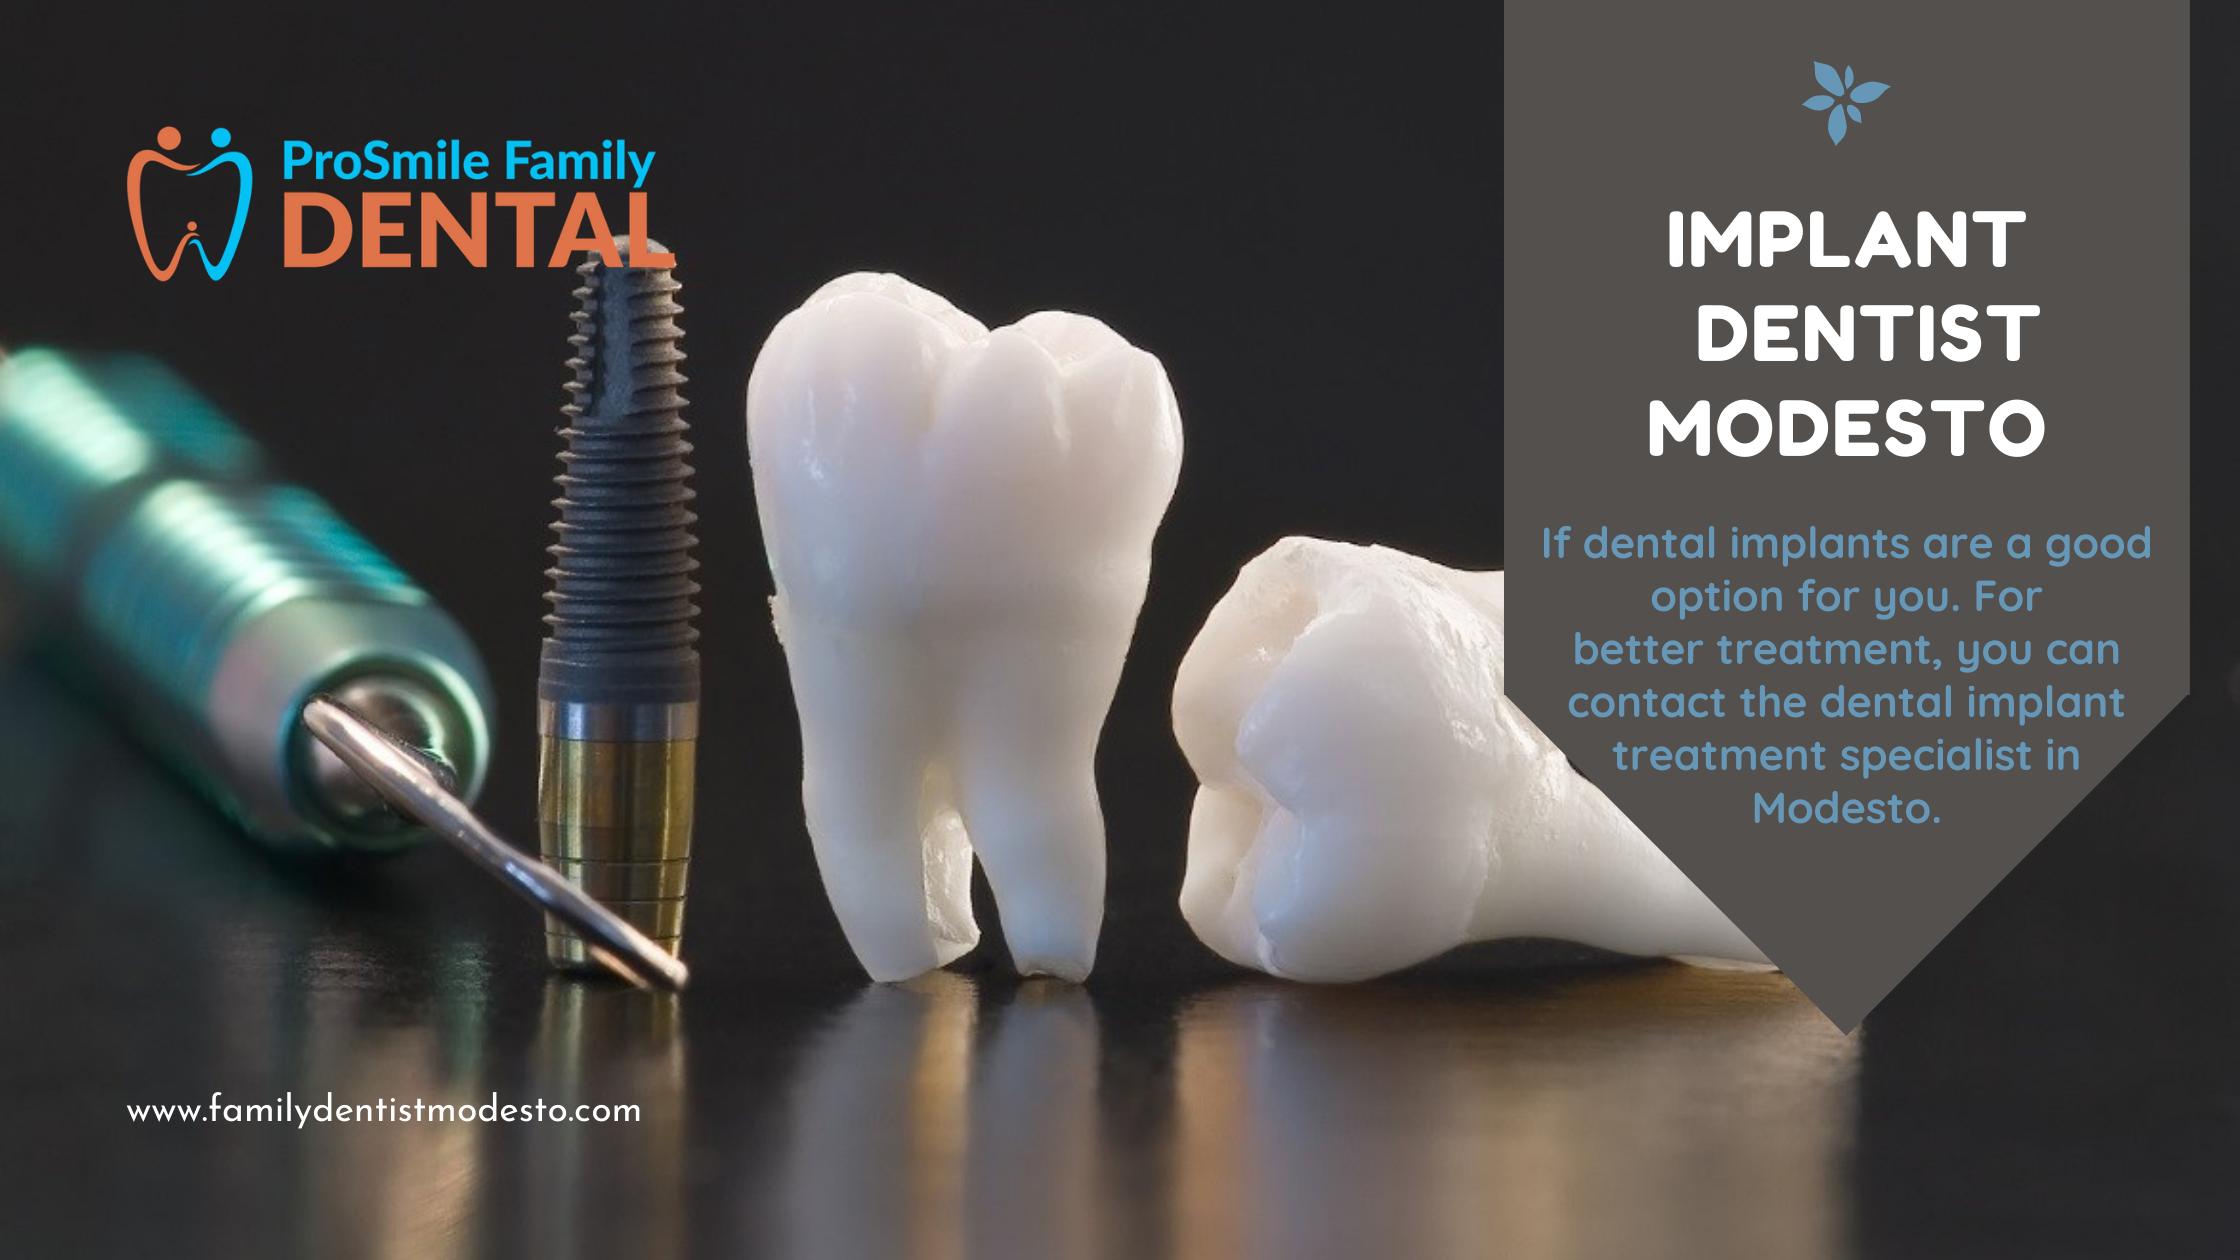 Implant Dentist Modesto | Dentist Modesto